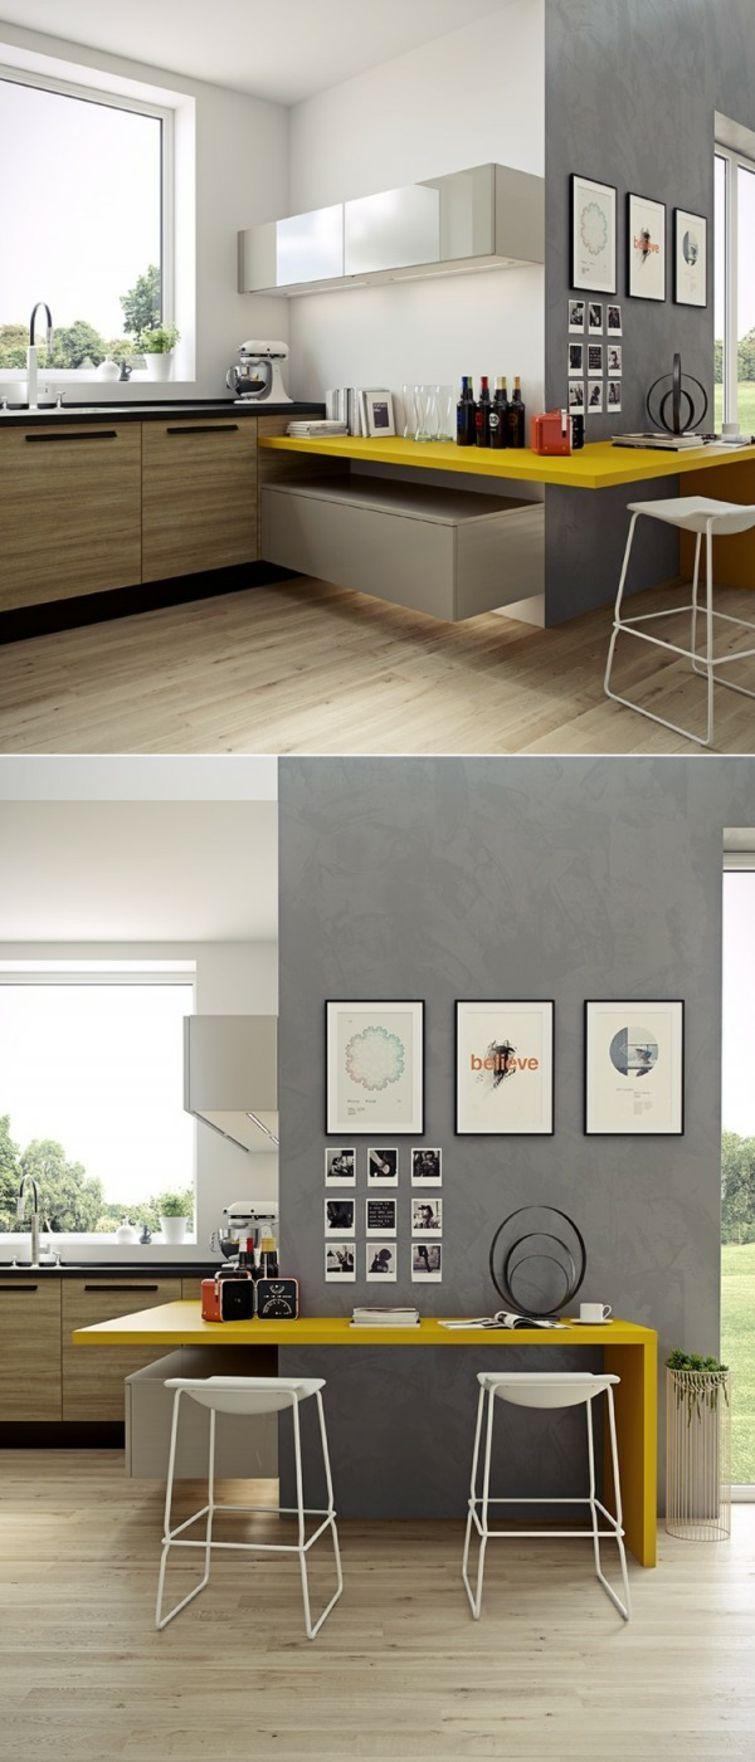 cuisine petite surface: idées pour un design moderne | amenagement